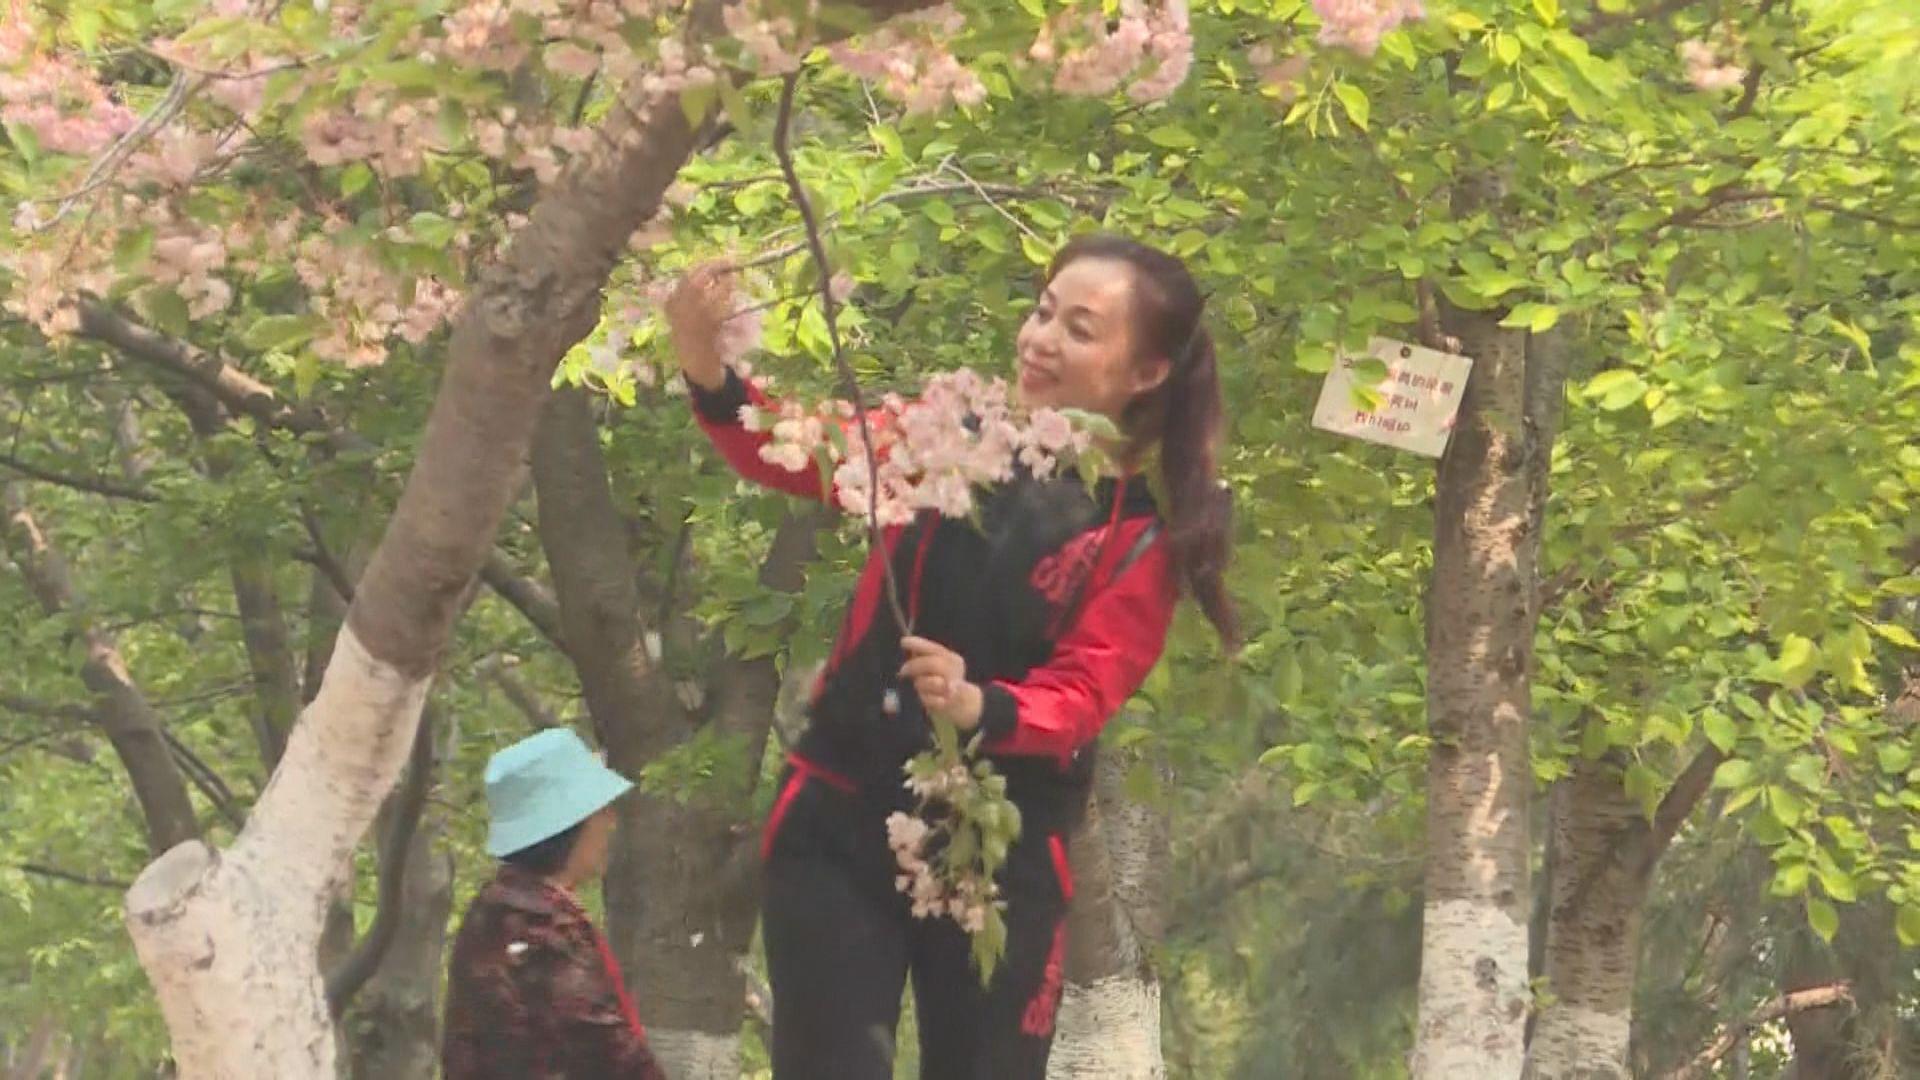 【首都專線】賞花變摧花 當局擬定遊園黑名單